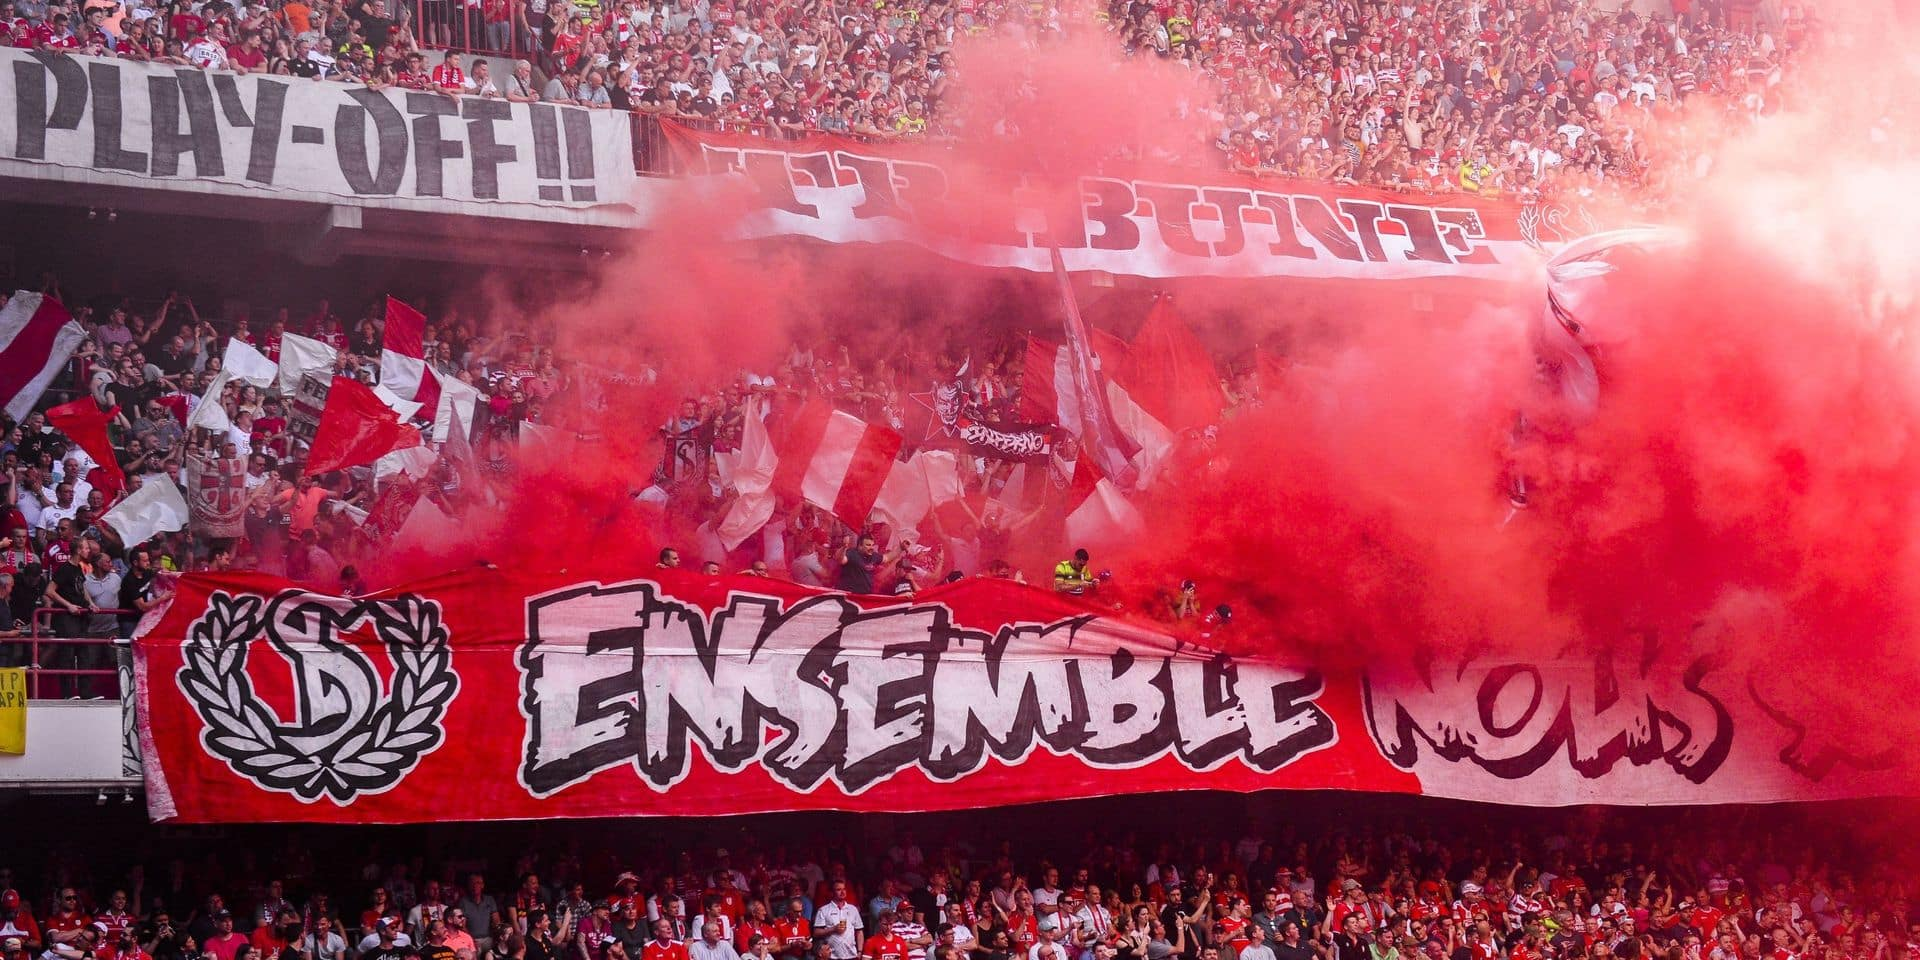 Accord de principe entre la ville de Liège et le club: le Standard pourra accueillir 10.000 supporters